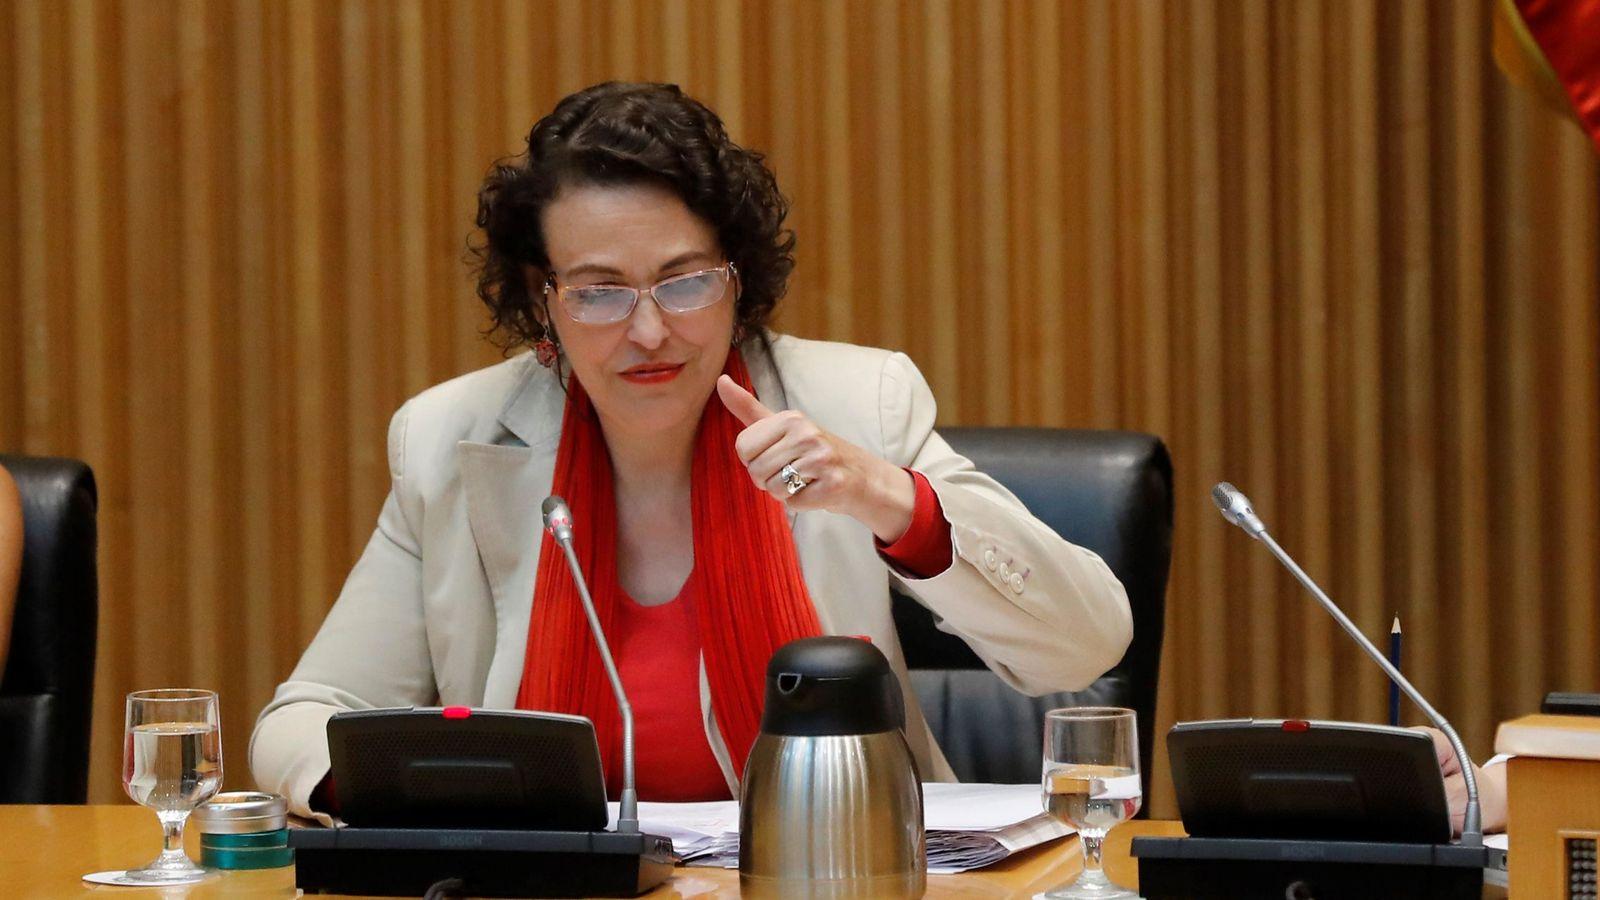 Foto: La ministra de Trabajo y Seguridad Social, Magdalena Valerio. (EFE)